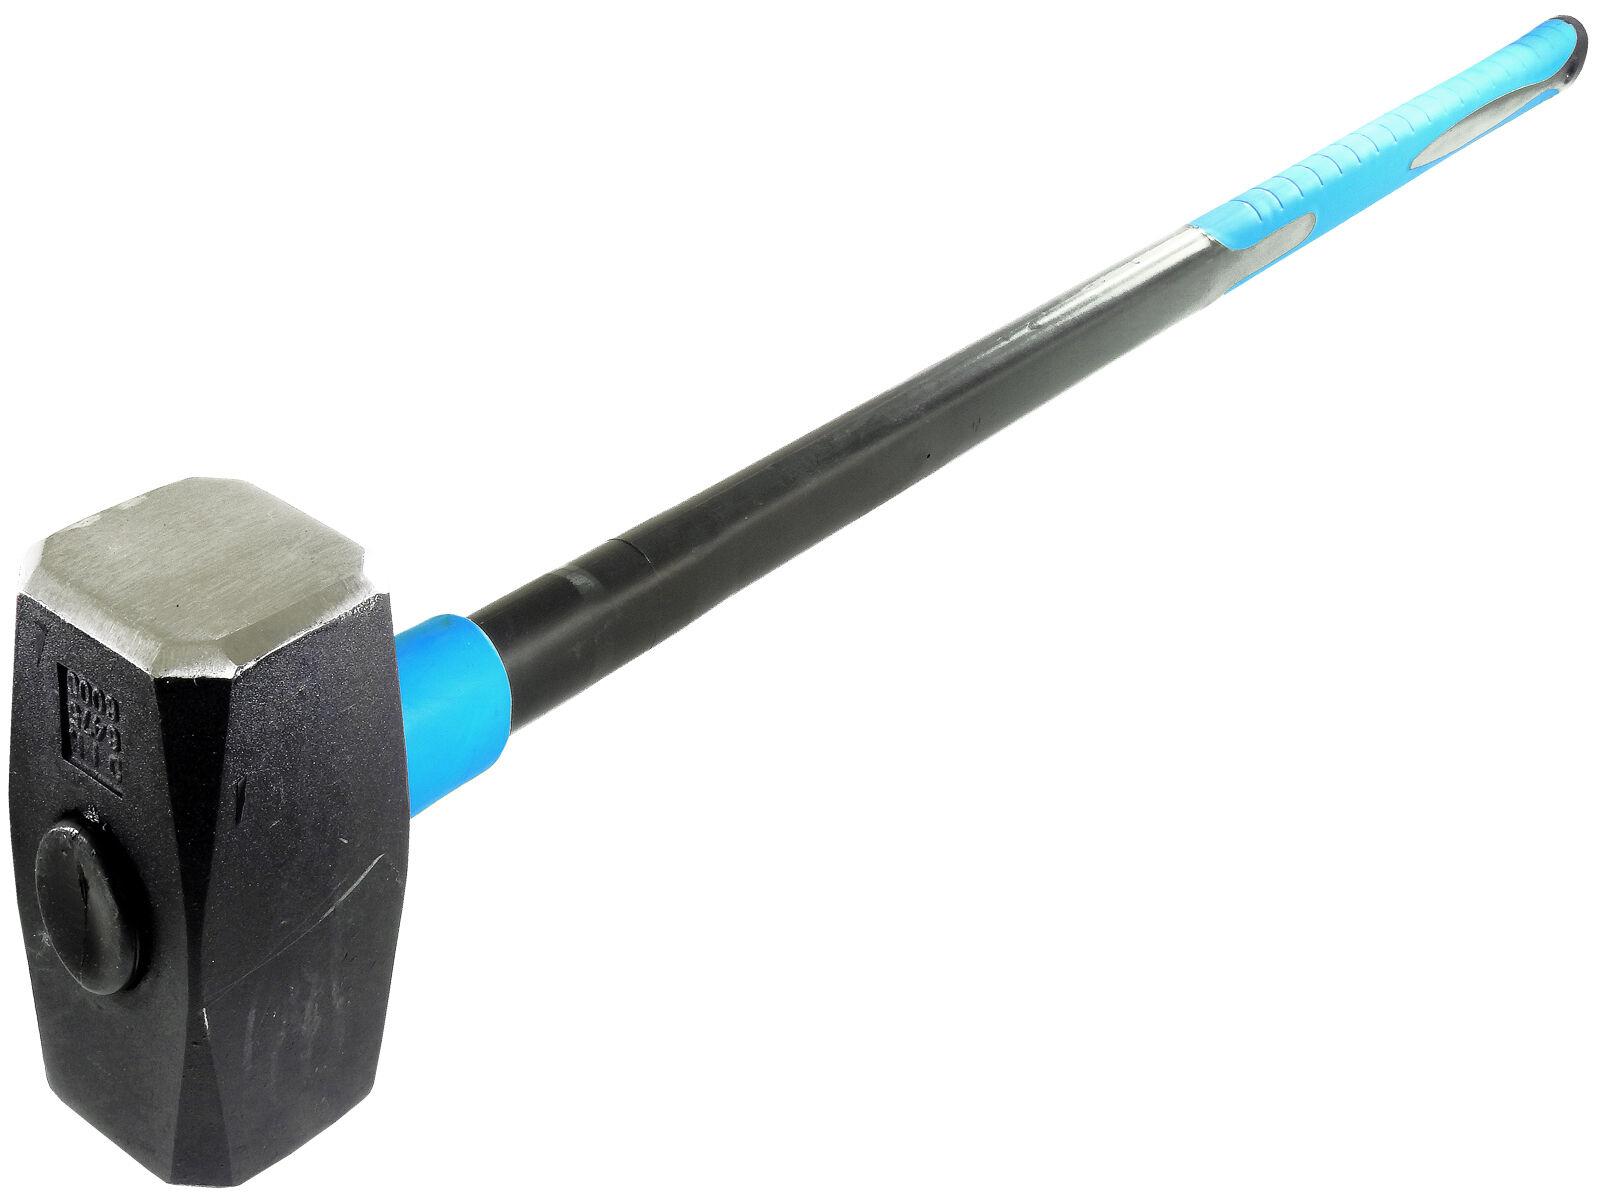 Profi Vorschlaghammer 4000 gr. Schlosser Hammer Fäustel Fiberglasstiel 4 Kg   Verschiedene Stile    Queensland    Umweltfreundlich    Hohe Qualität